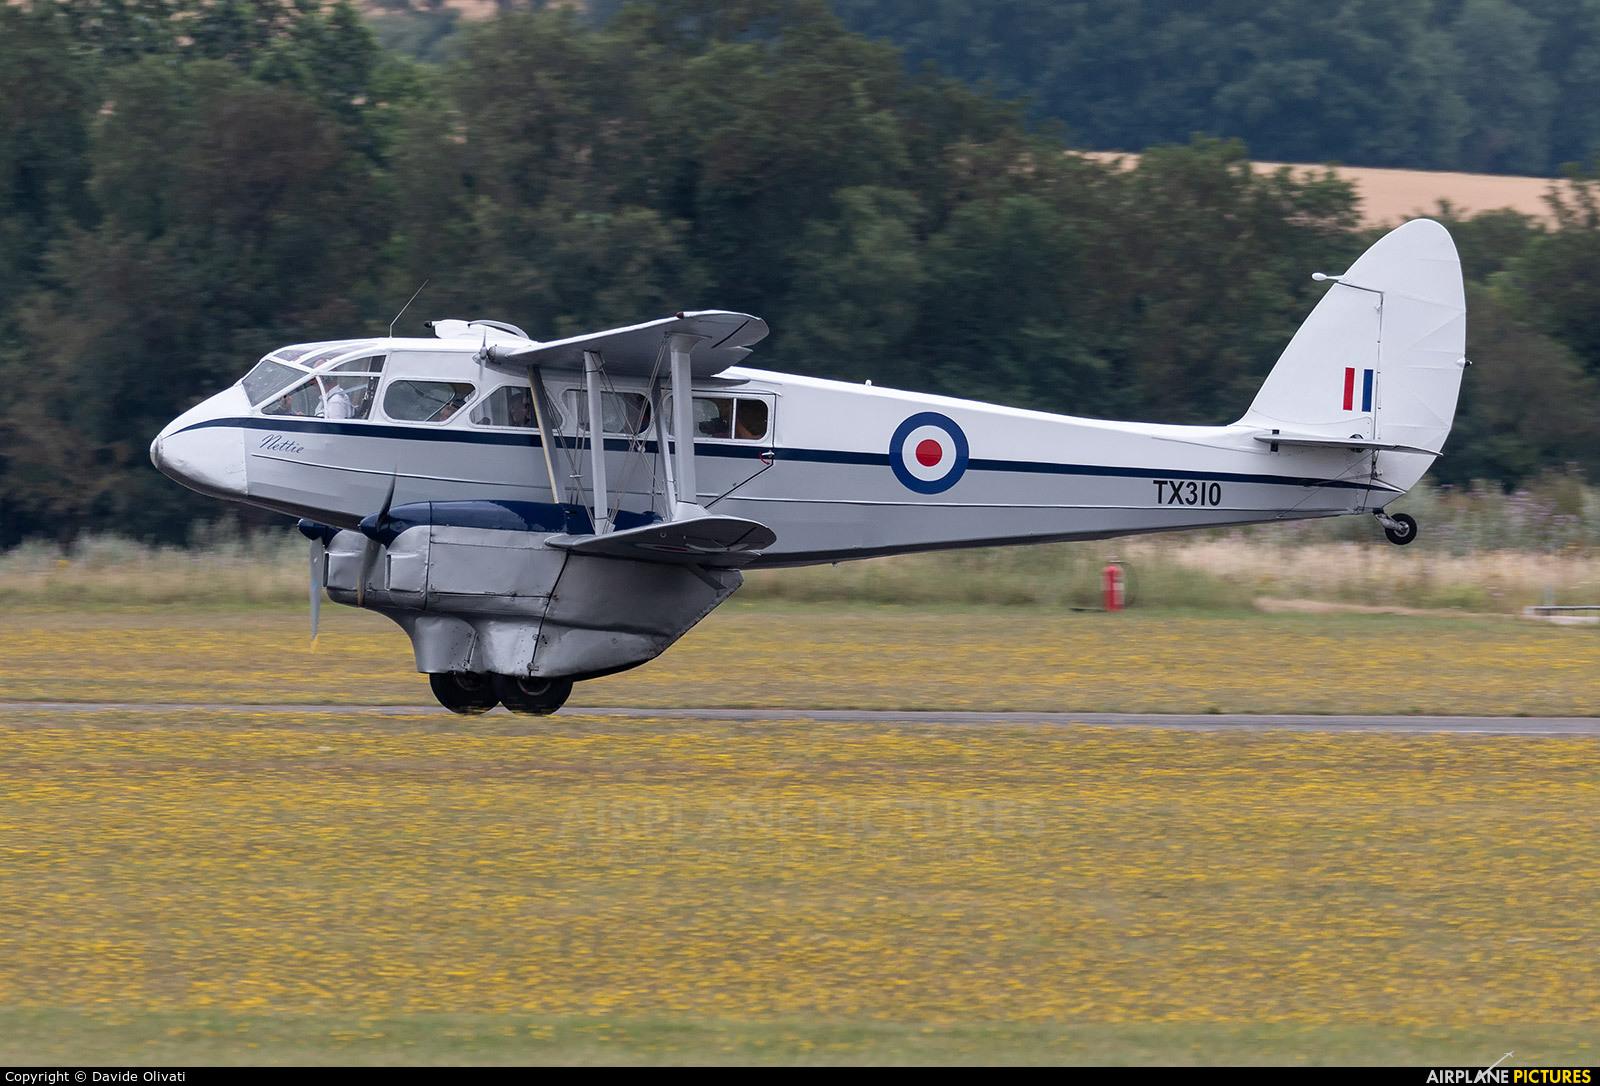 Air Atlantique G-AIDL aircraft at Duxford